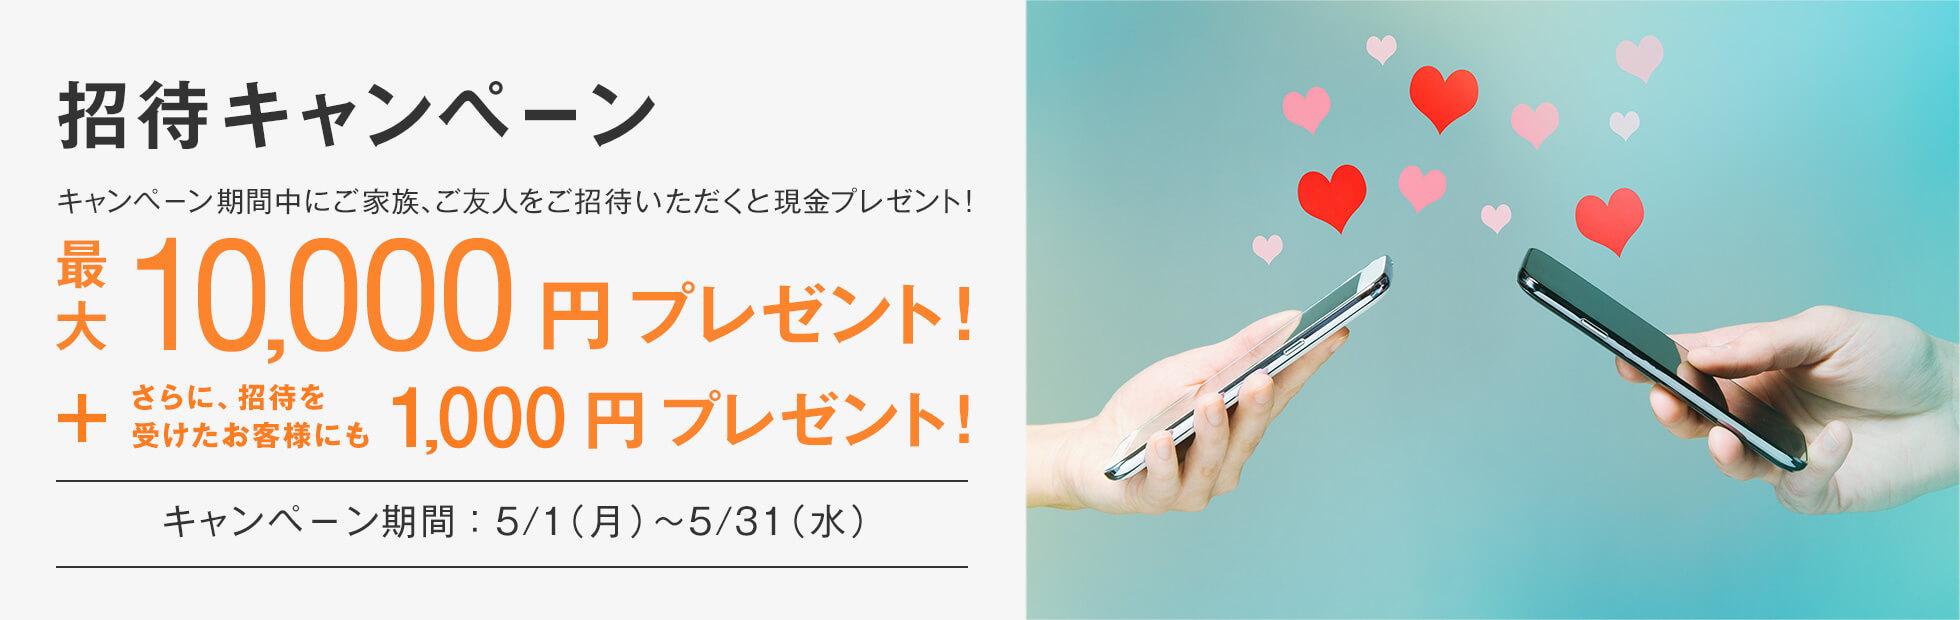 招待キャンペーン:キャンペーン期間中にご家族、ご友人をご招待いただくと最大10,000円プレゼント!さらに、招待を受けたご友人にも1,000円プレゼント!2017年5月1日(月)から2017年5月31日(水)まで